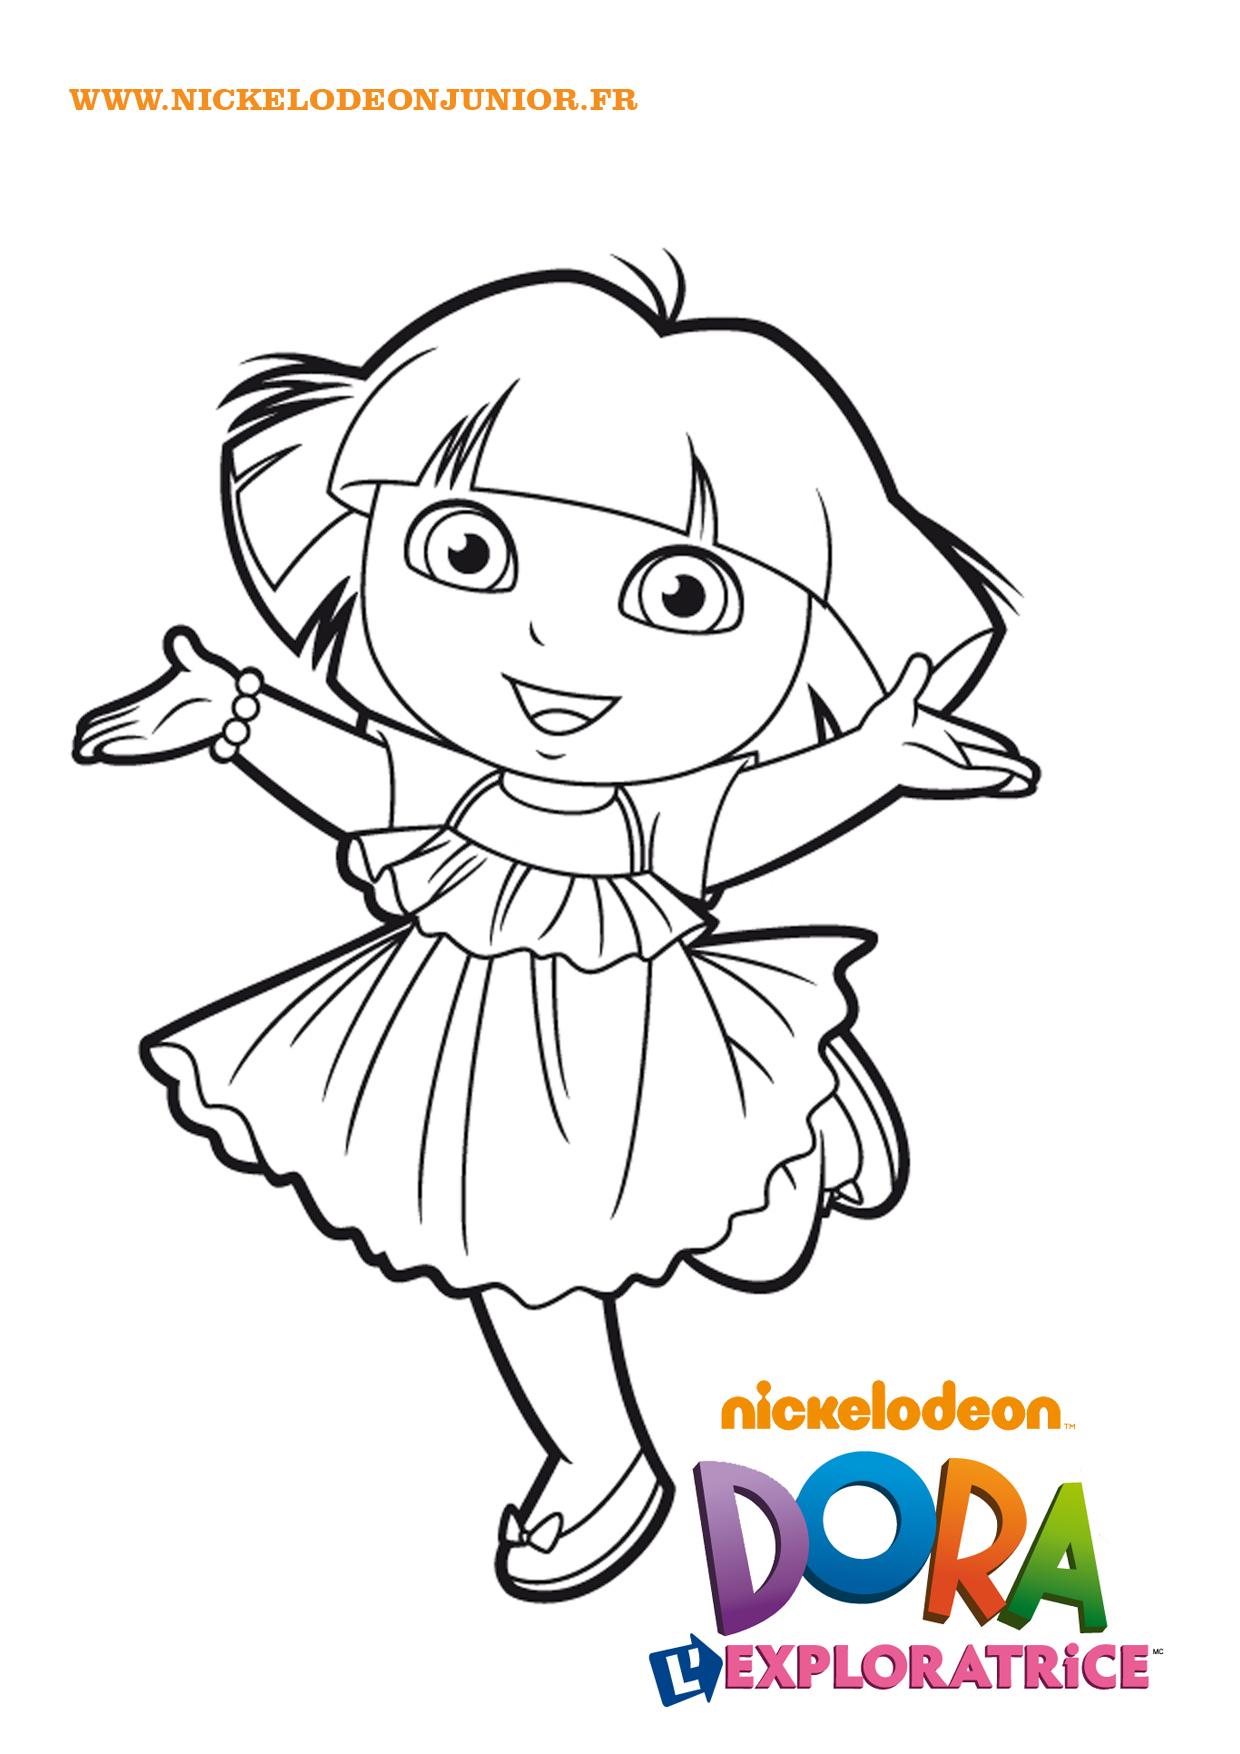 Coloriage Dessin Anime De Quoi S Agit Il